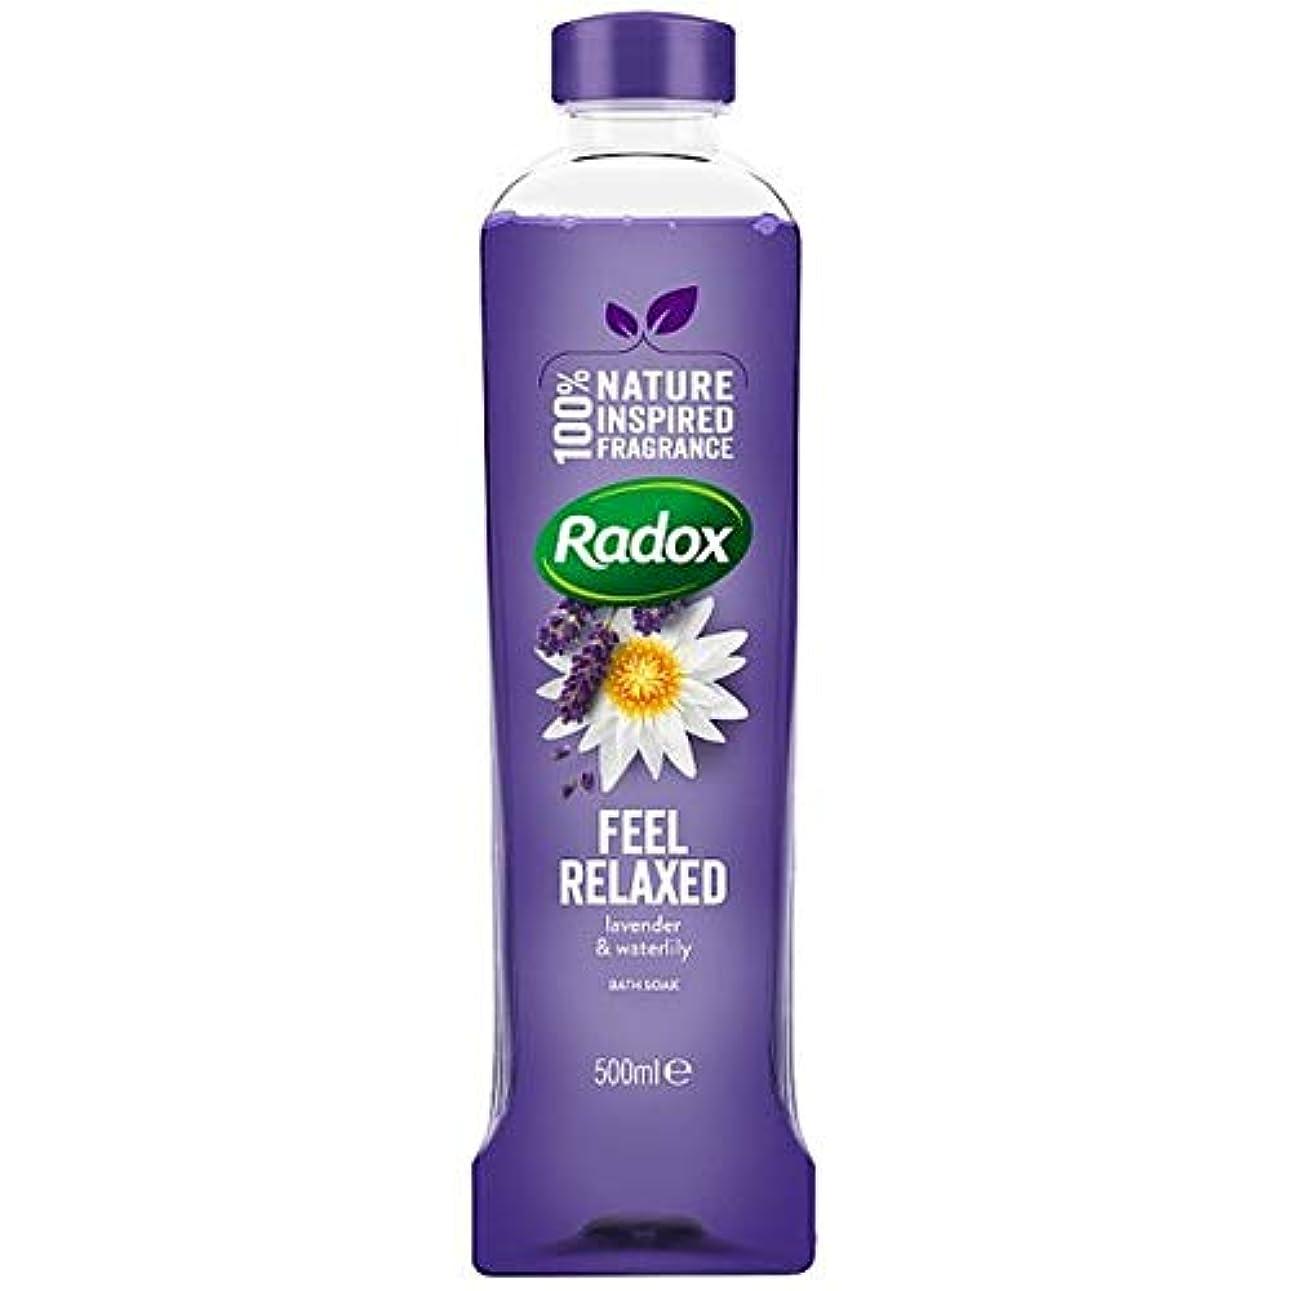 処分したコーンウォール創始者[Radox] Radoxは、500ミリリットルのソークリラックスしたお風呂を感じます - Radox Feel Relaxed Bath Soak 500Ml [並行輸入品]